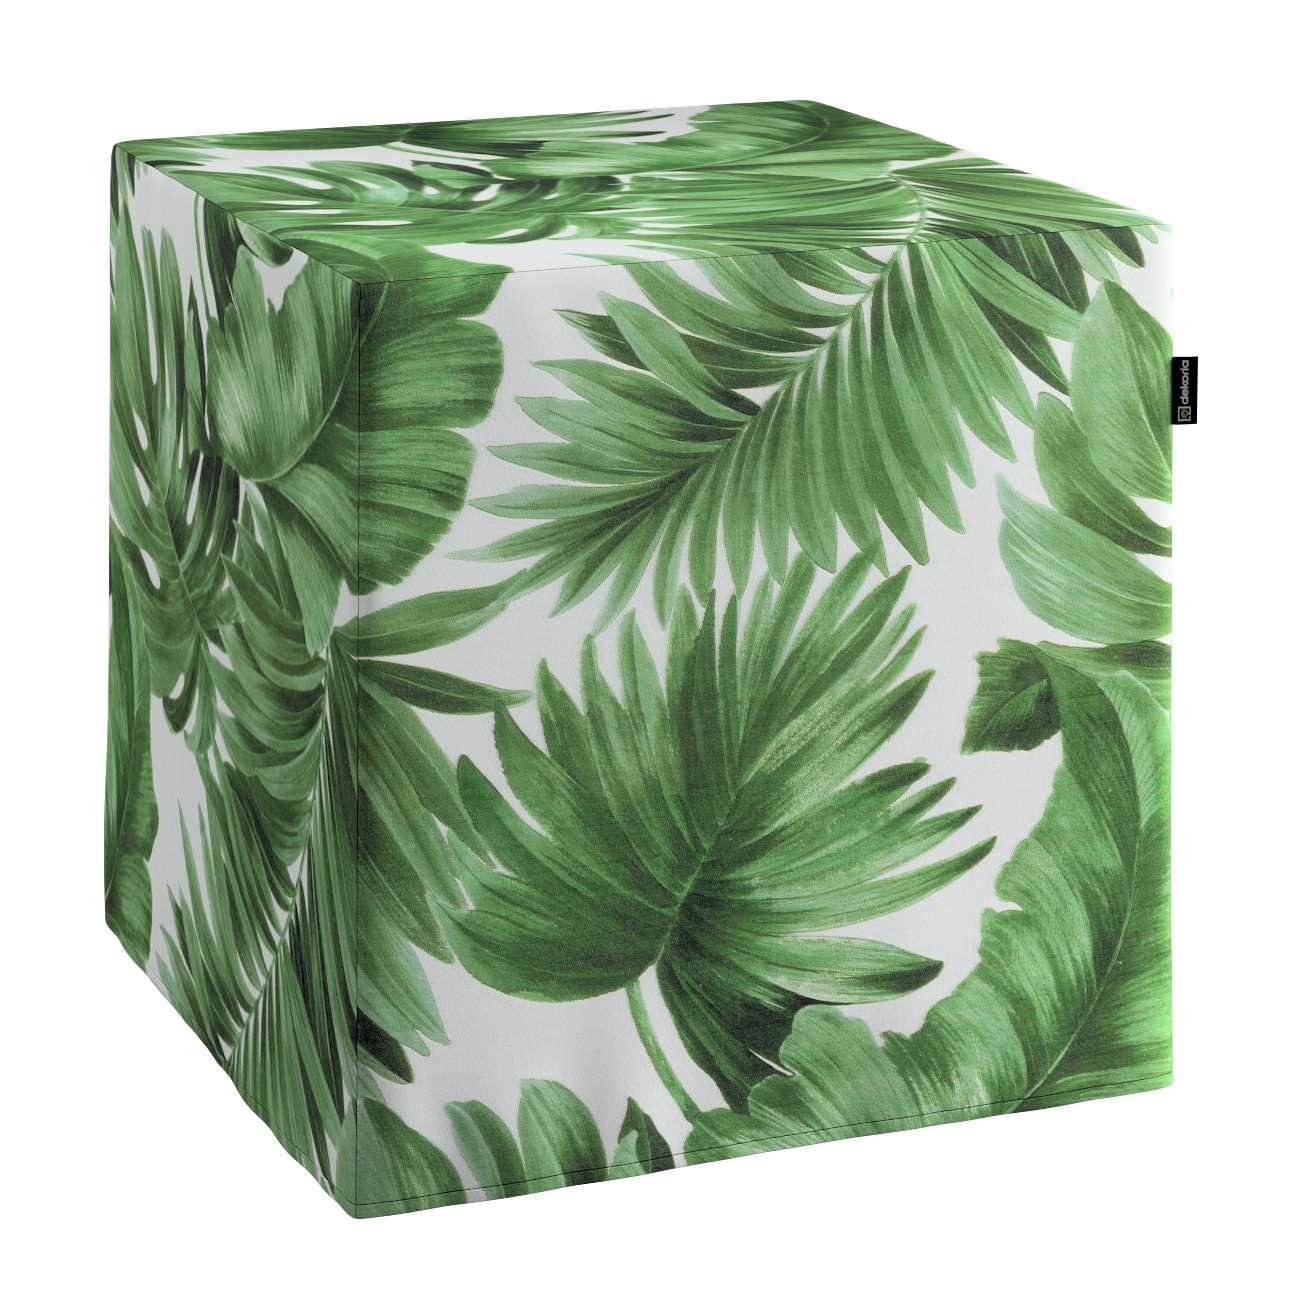 Pufa kostka w kolekcji Urban Jungle, tkanina: 141-71